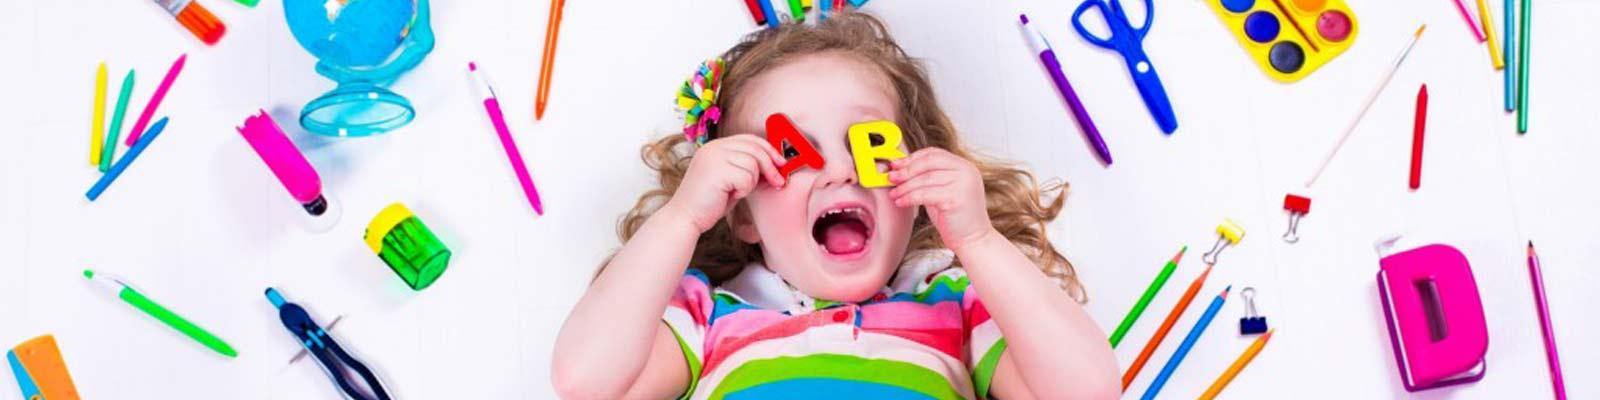 Edmonton Preschool Programs